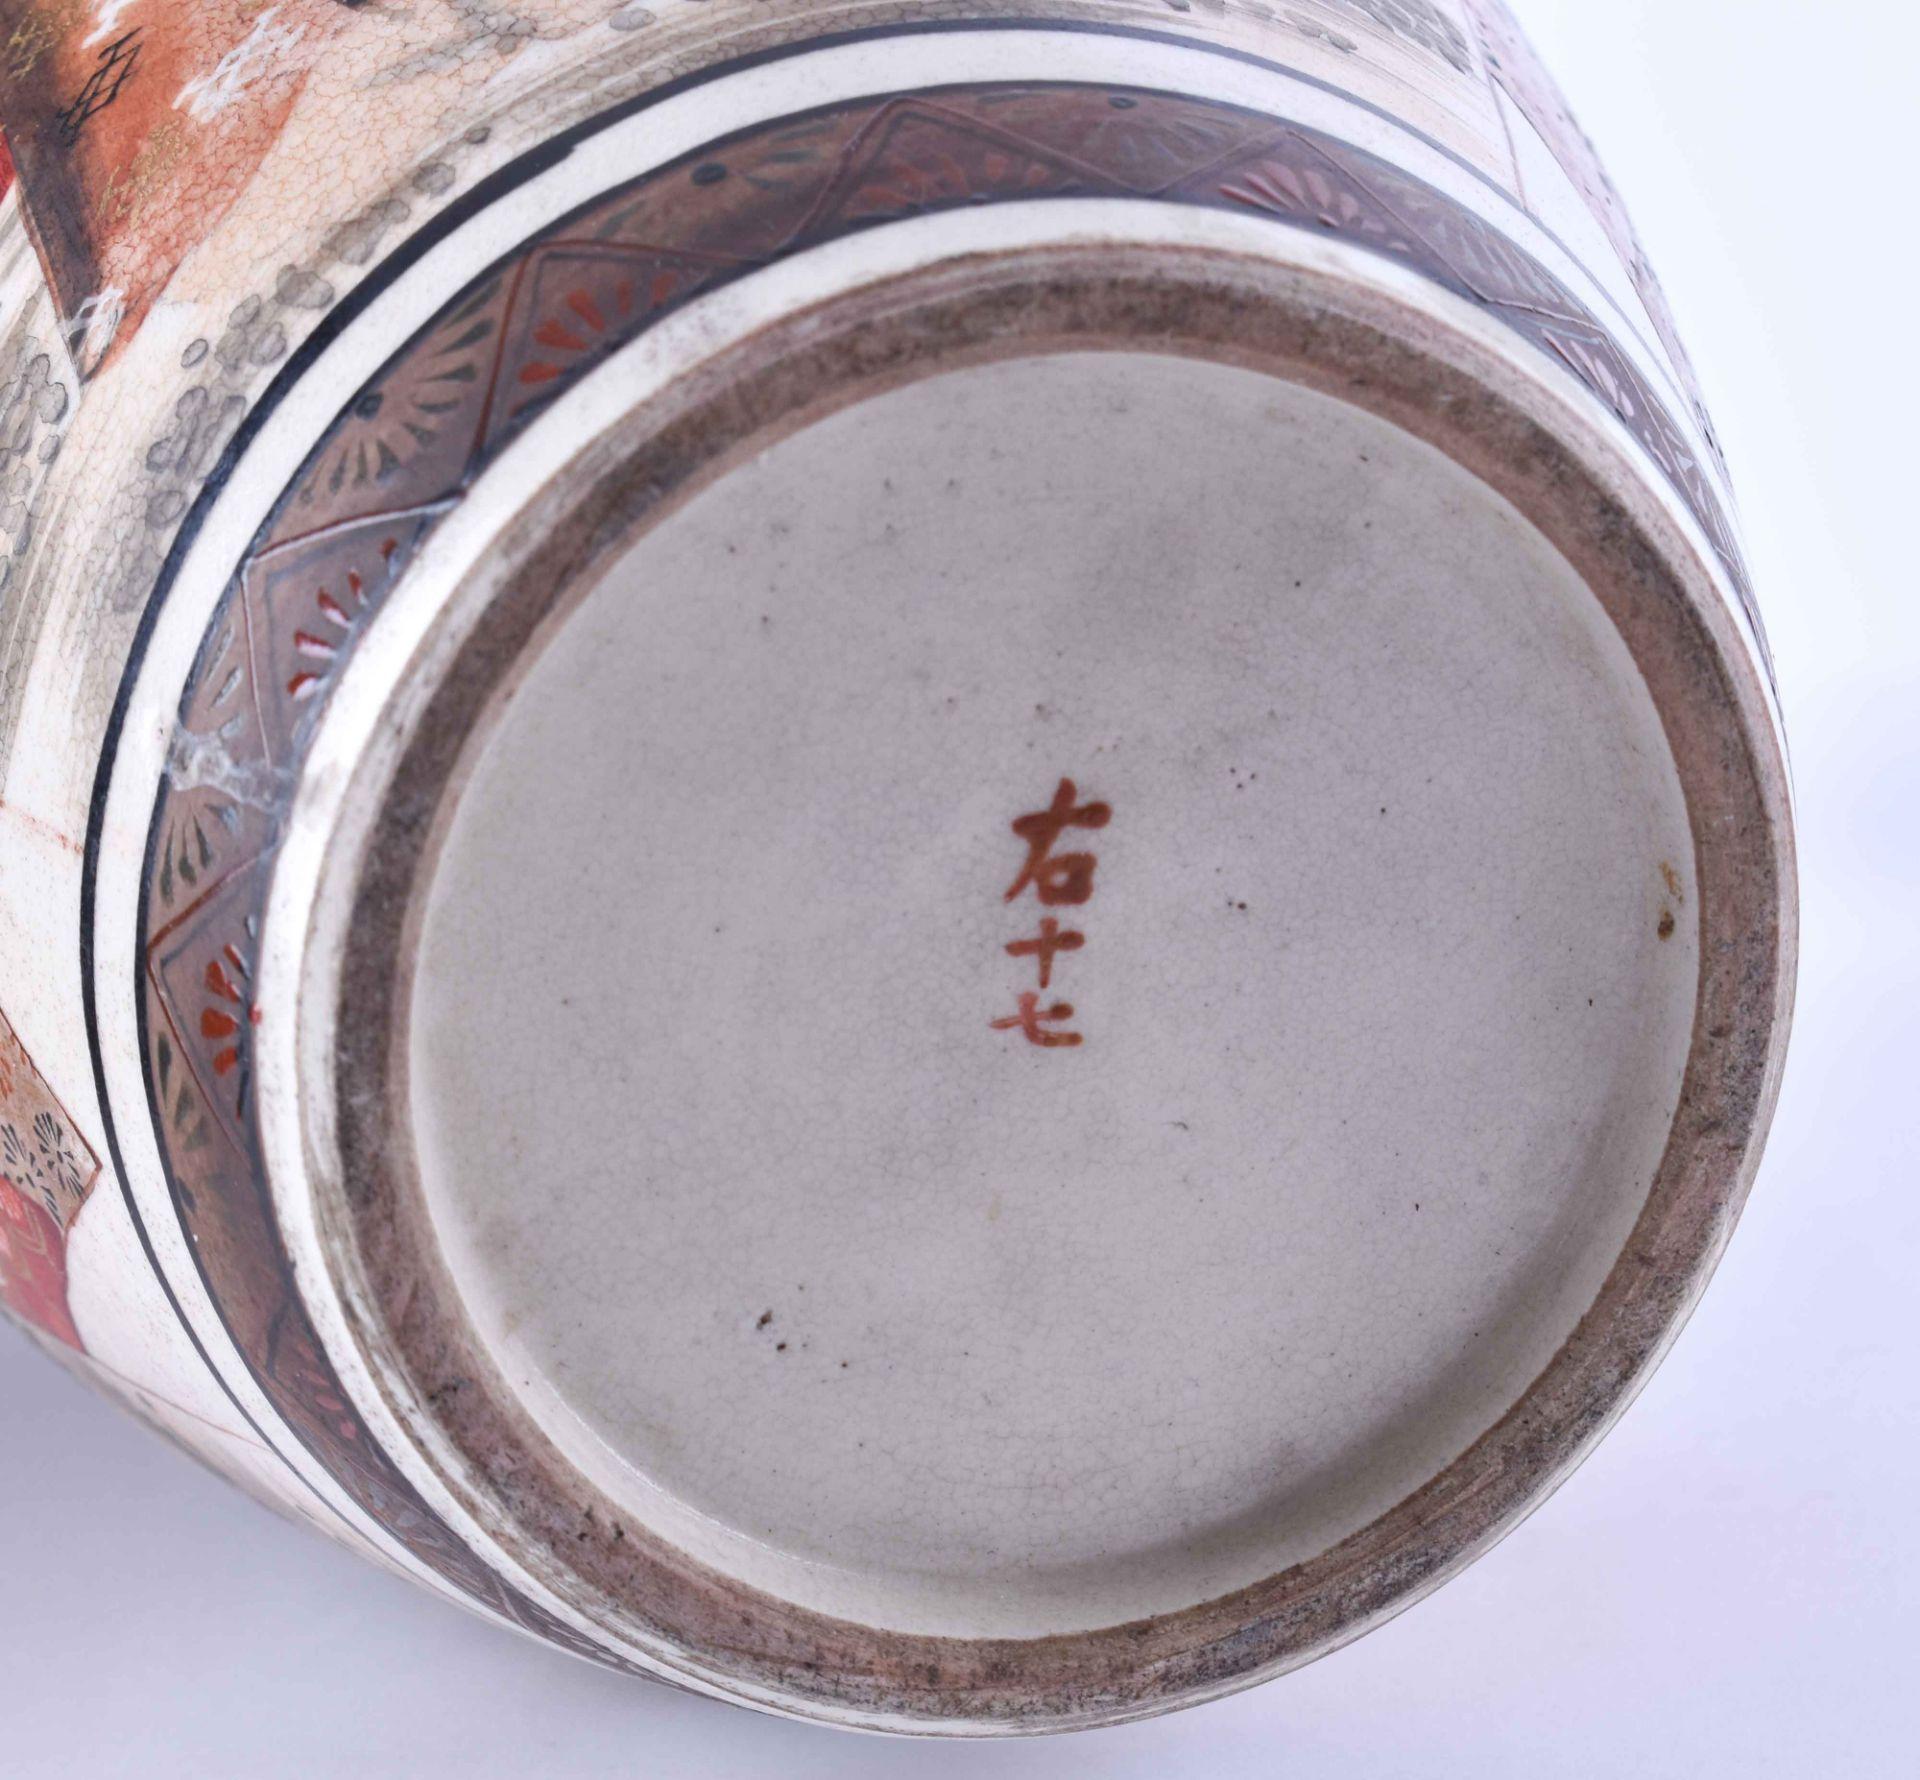 Satsuma vase Japan Meiji period - Image 6 of 6